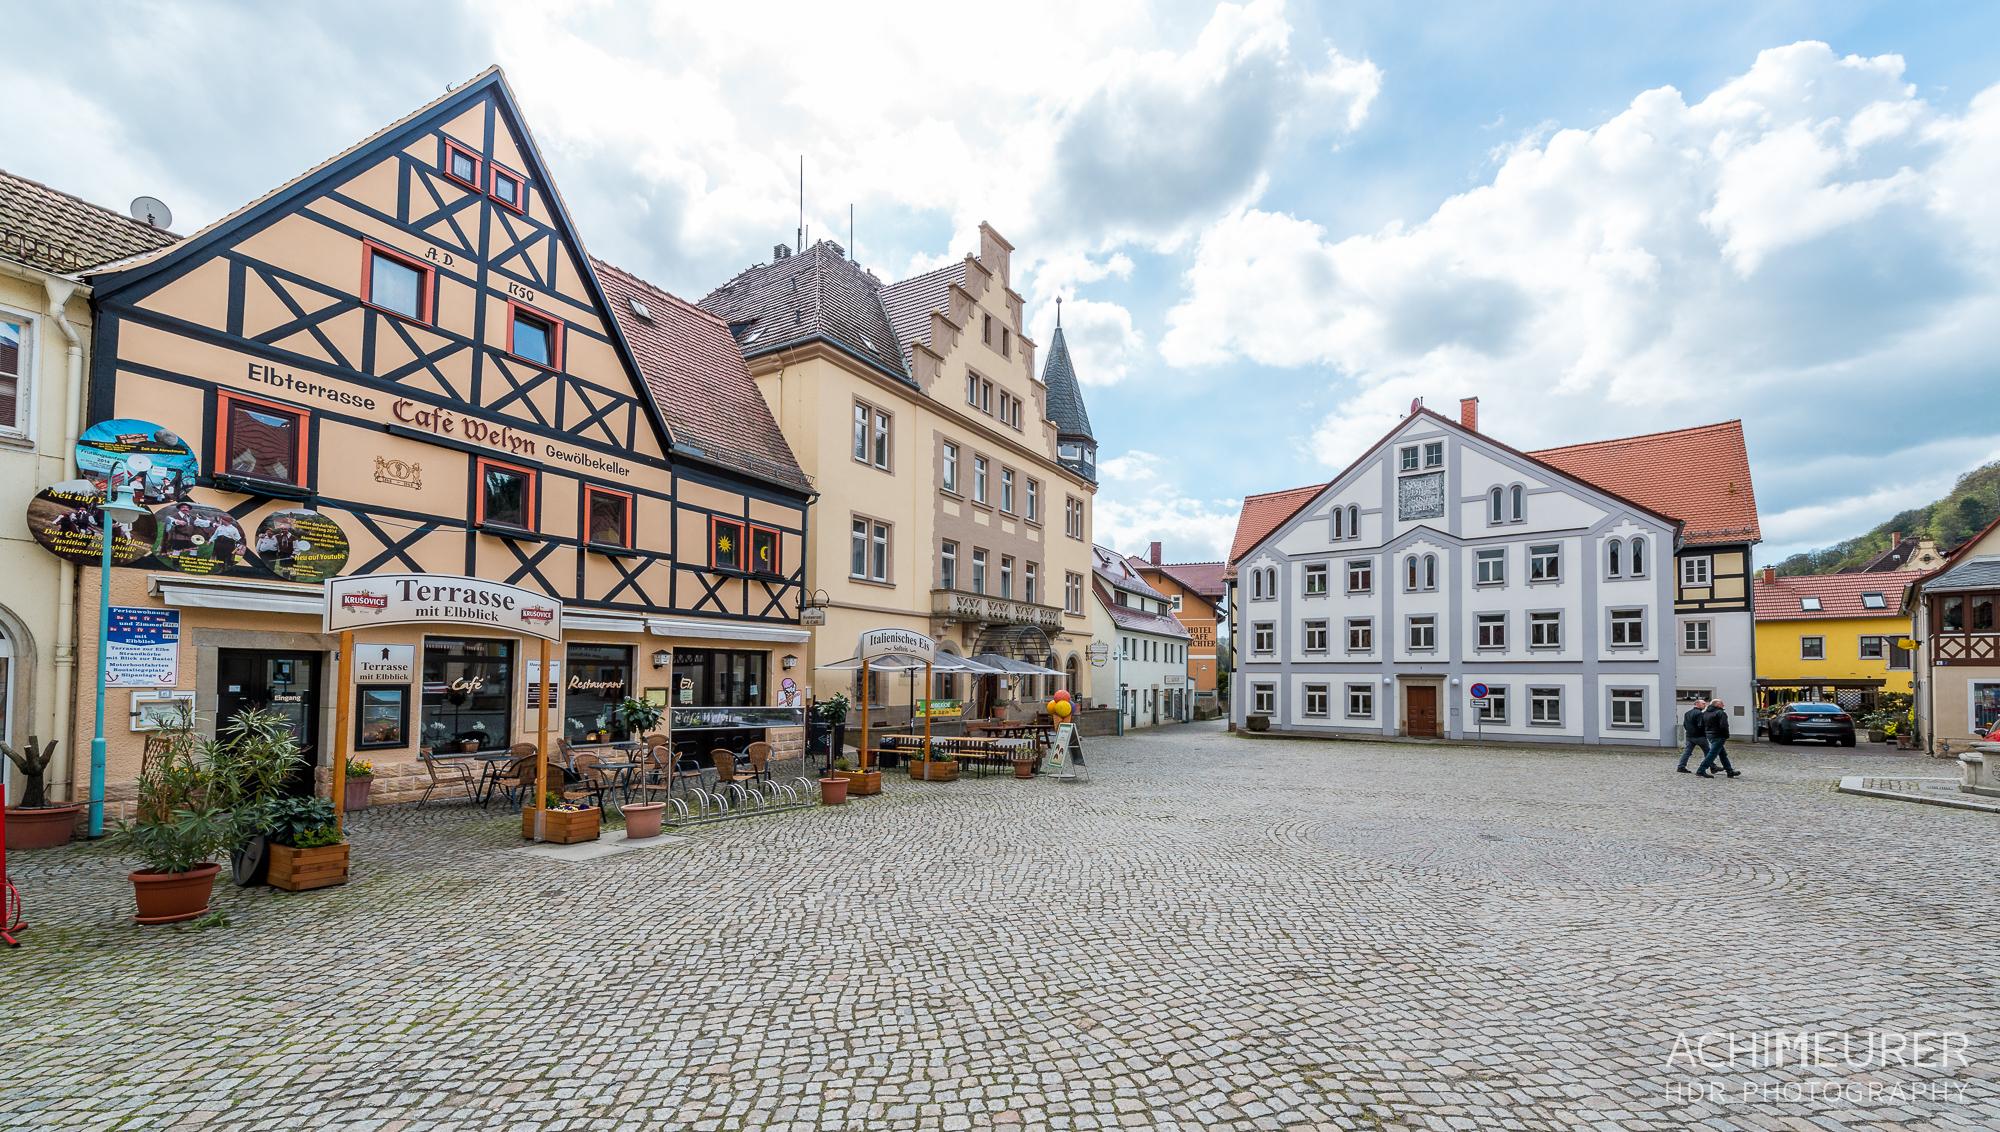 Saechsische-Schweiz-Stadt-Wehlen-Radfahrer-Kirche_9030